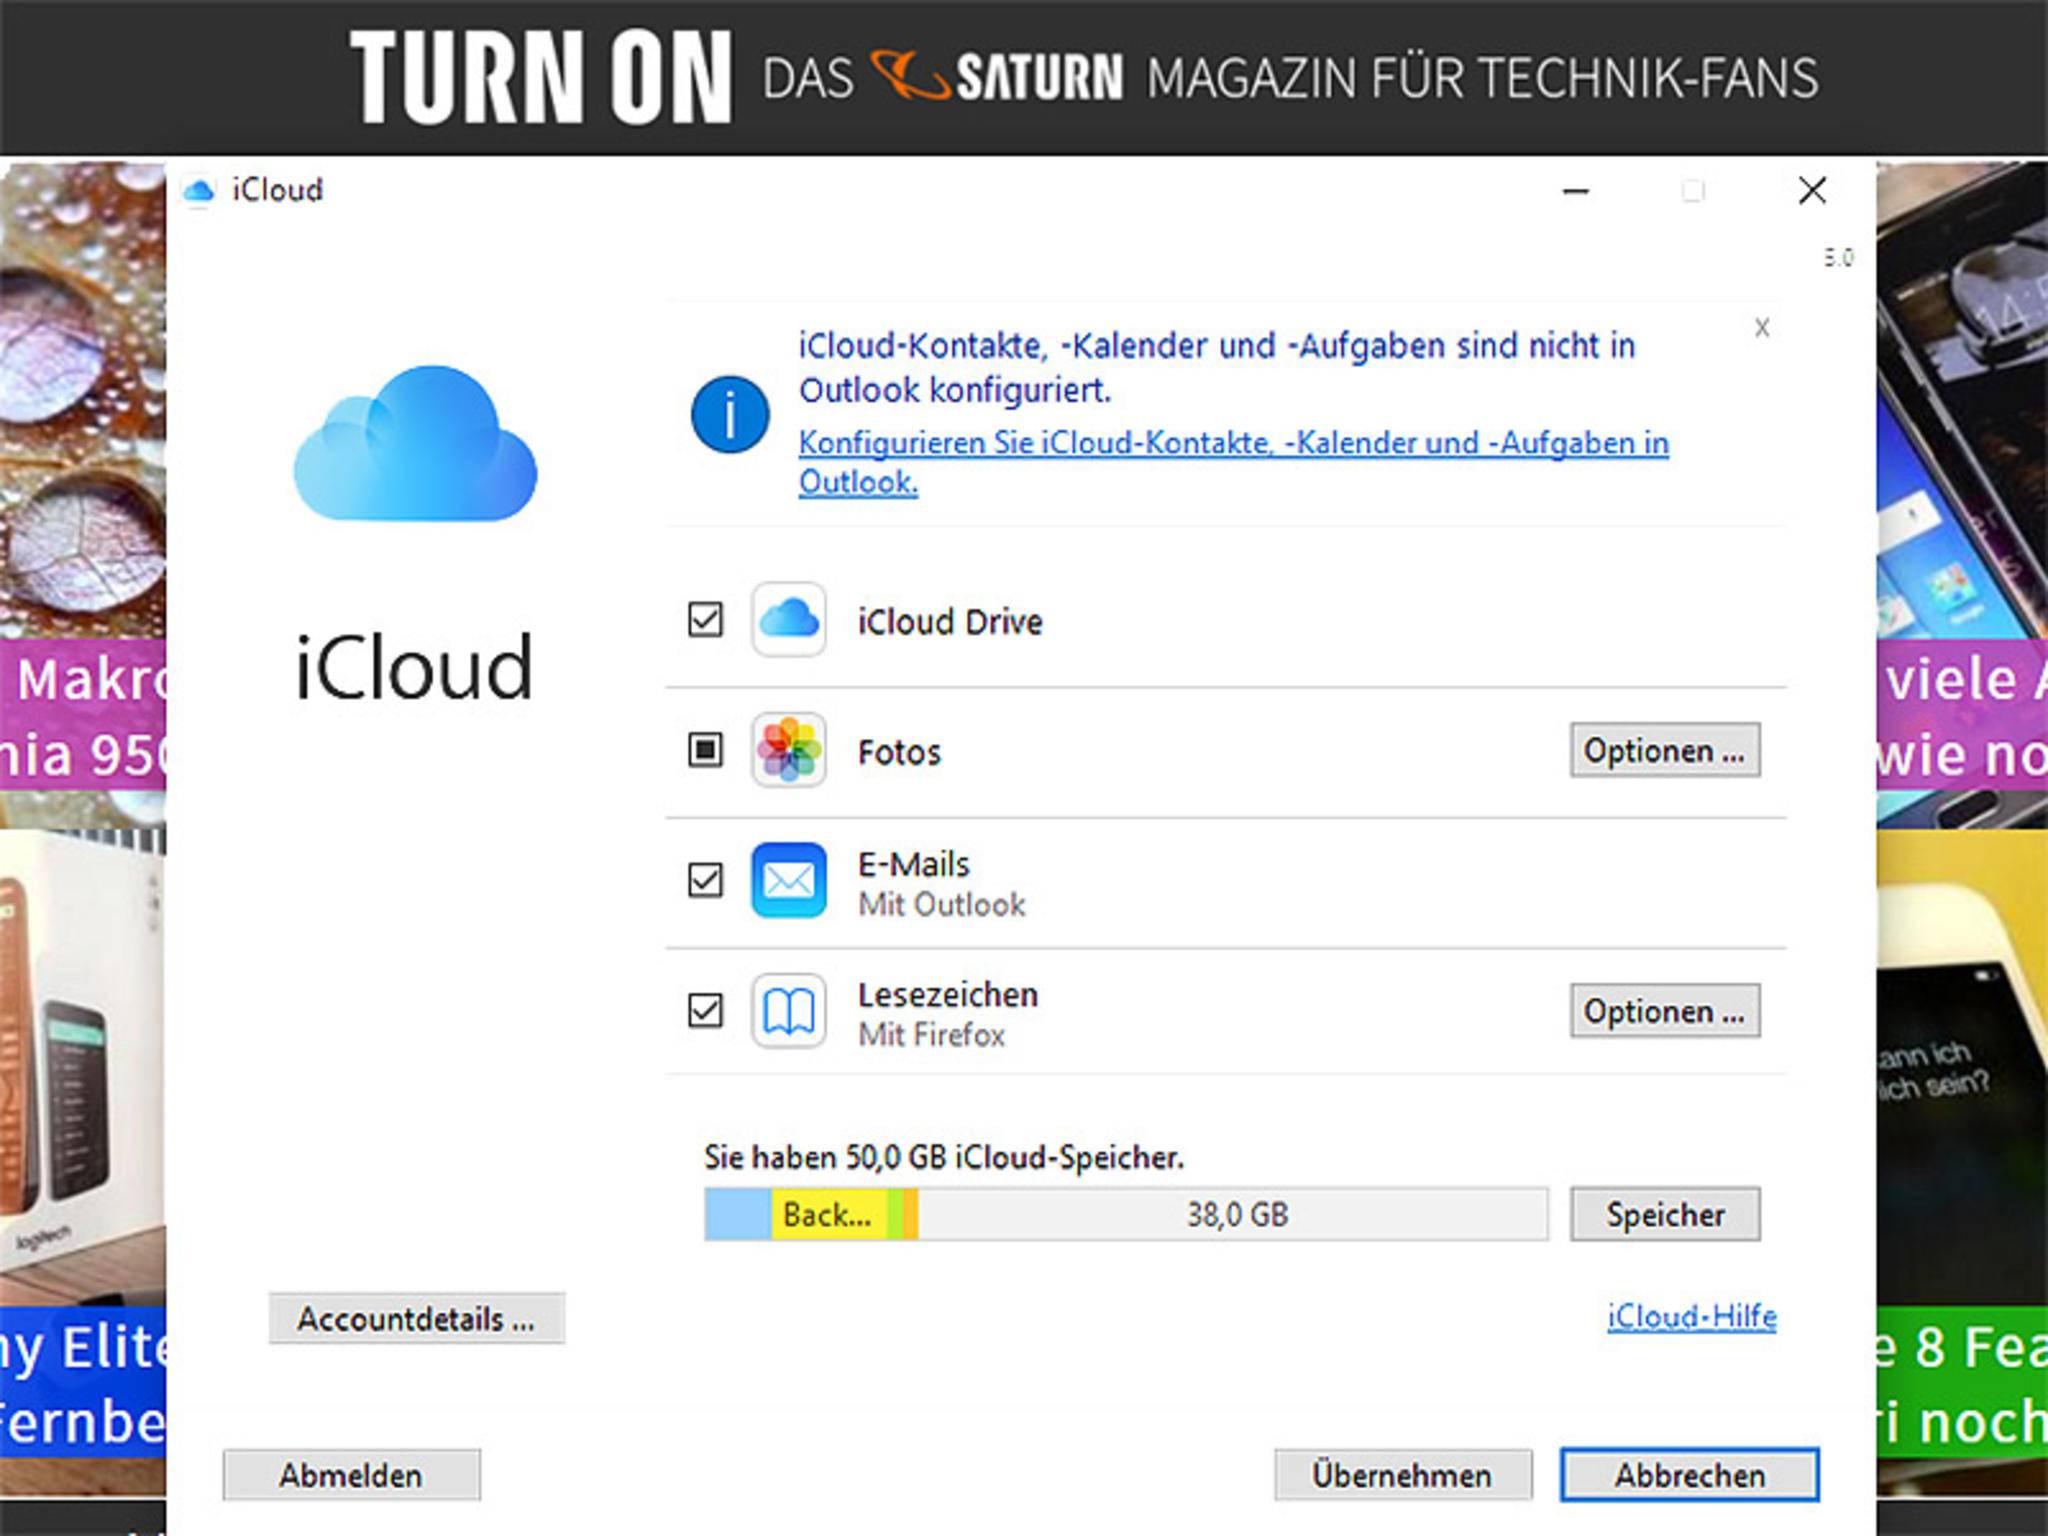 Auch für Windows gibt es ein eigenes Programm für die iCloud-Synchronisation.